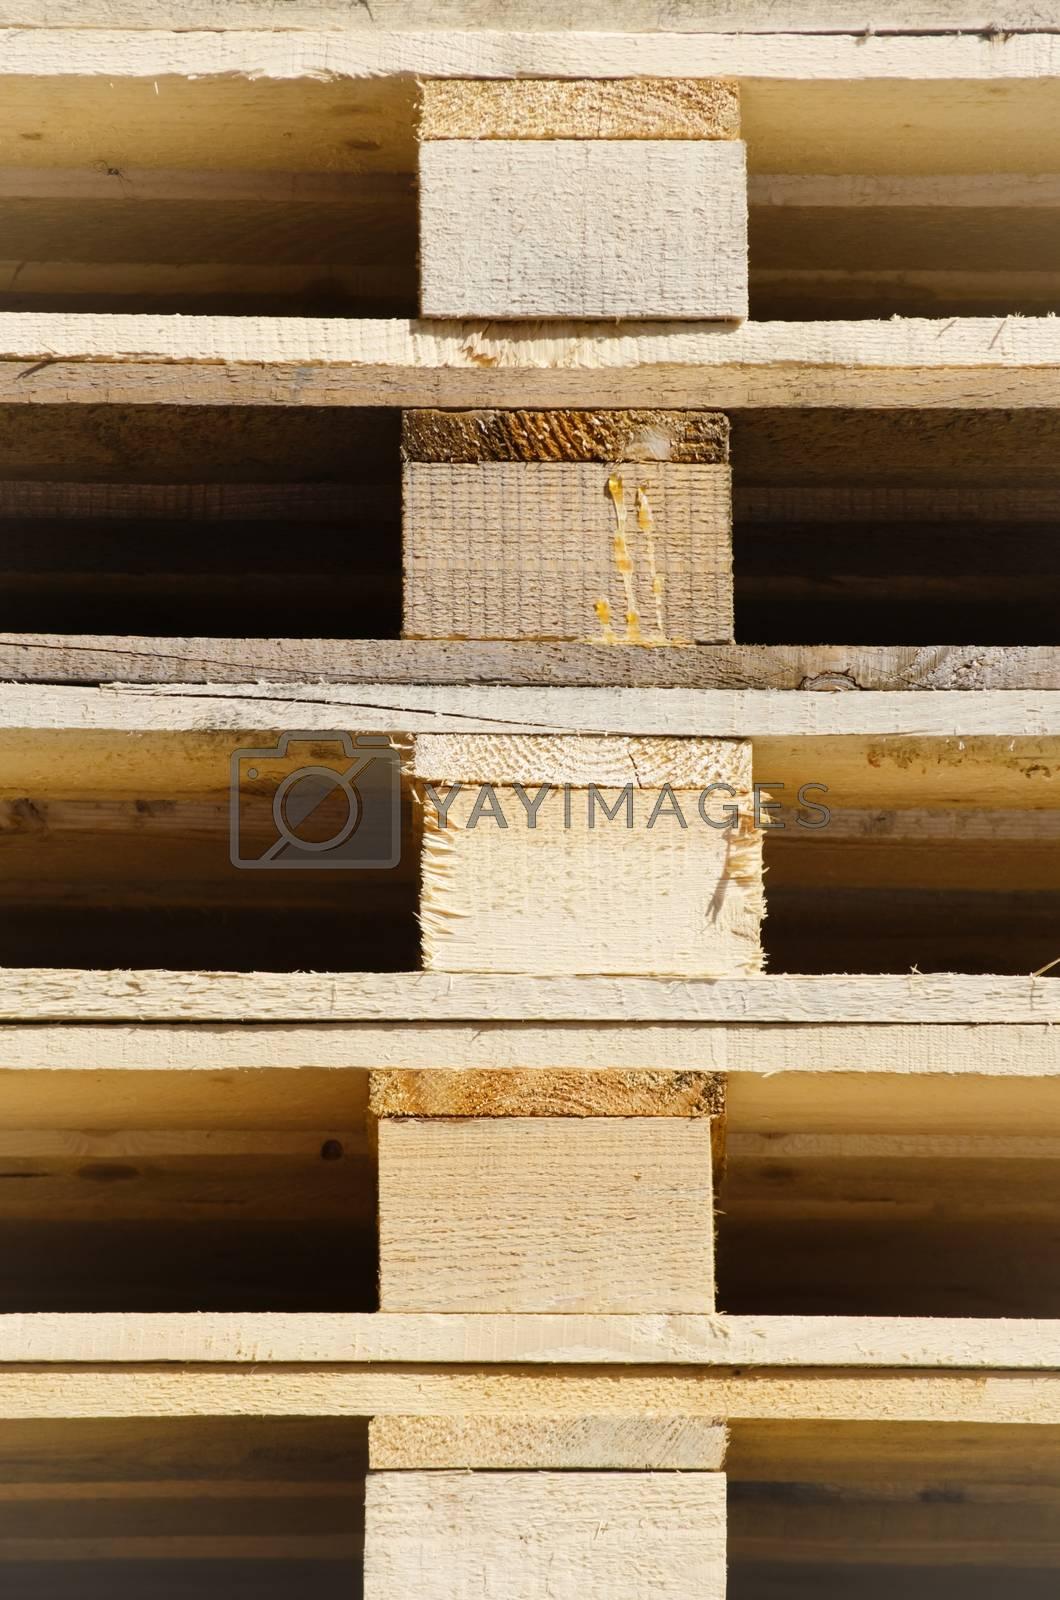 Royalty free image of Wooden Pallet by razvodovska